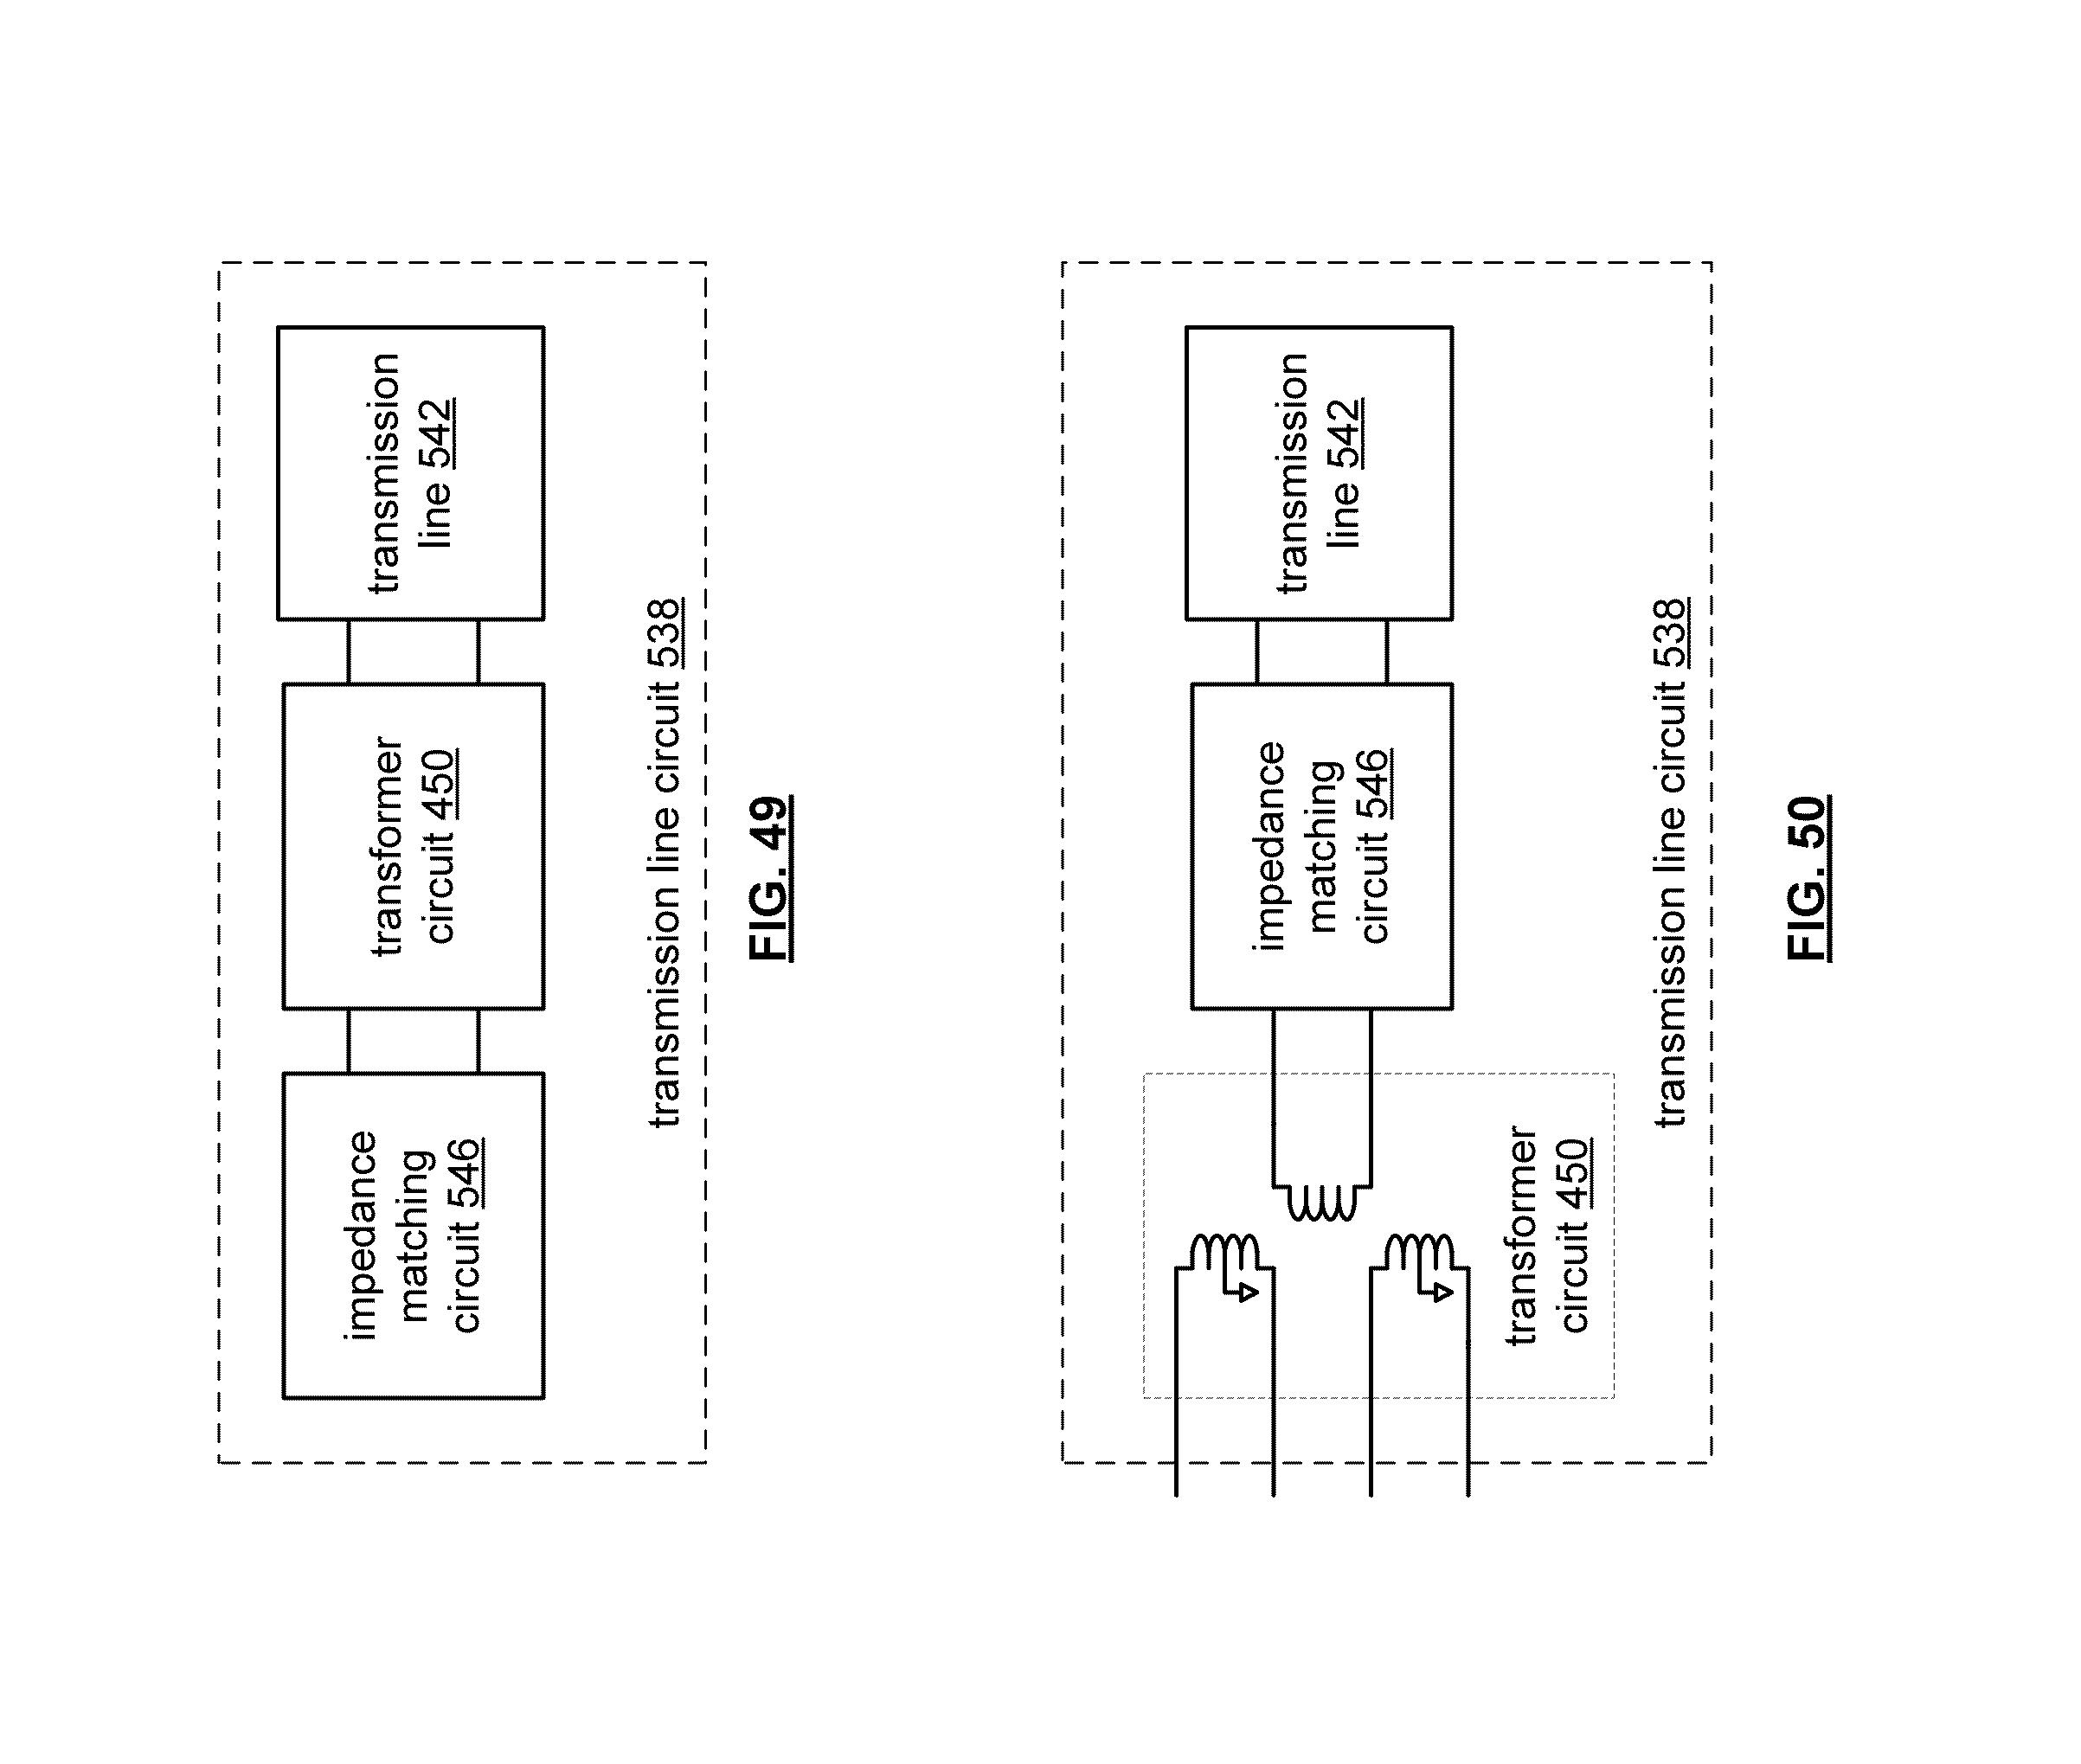 Патент на интегральные схемы